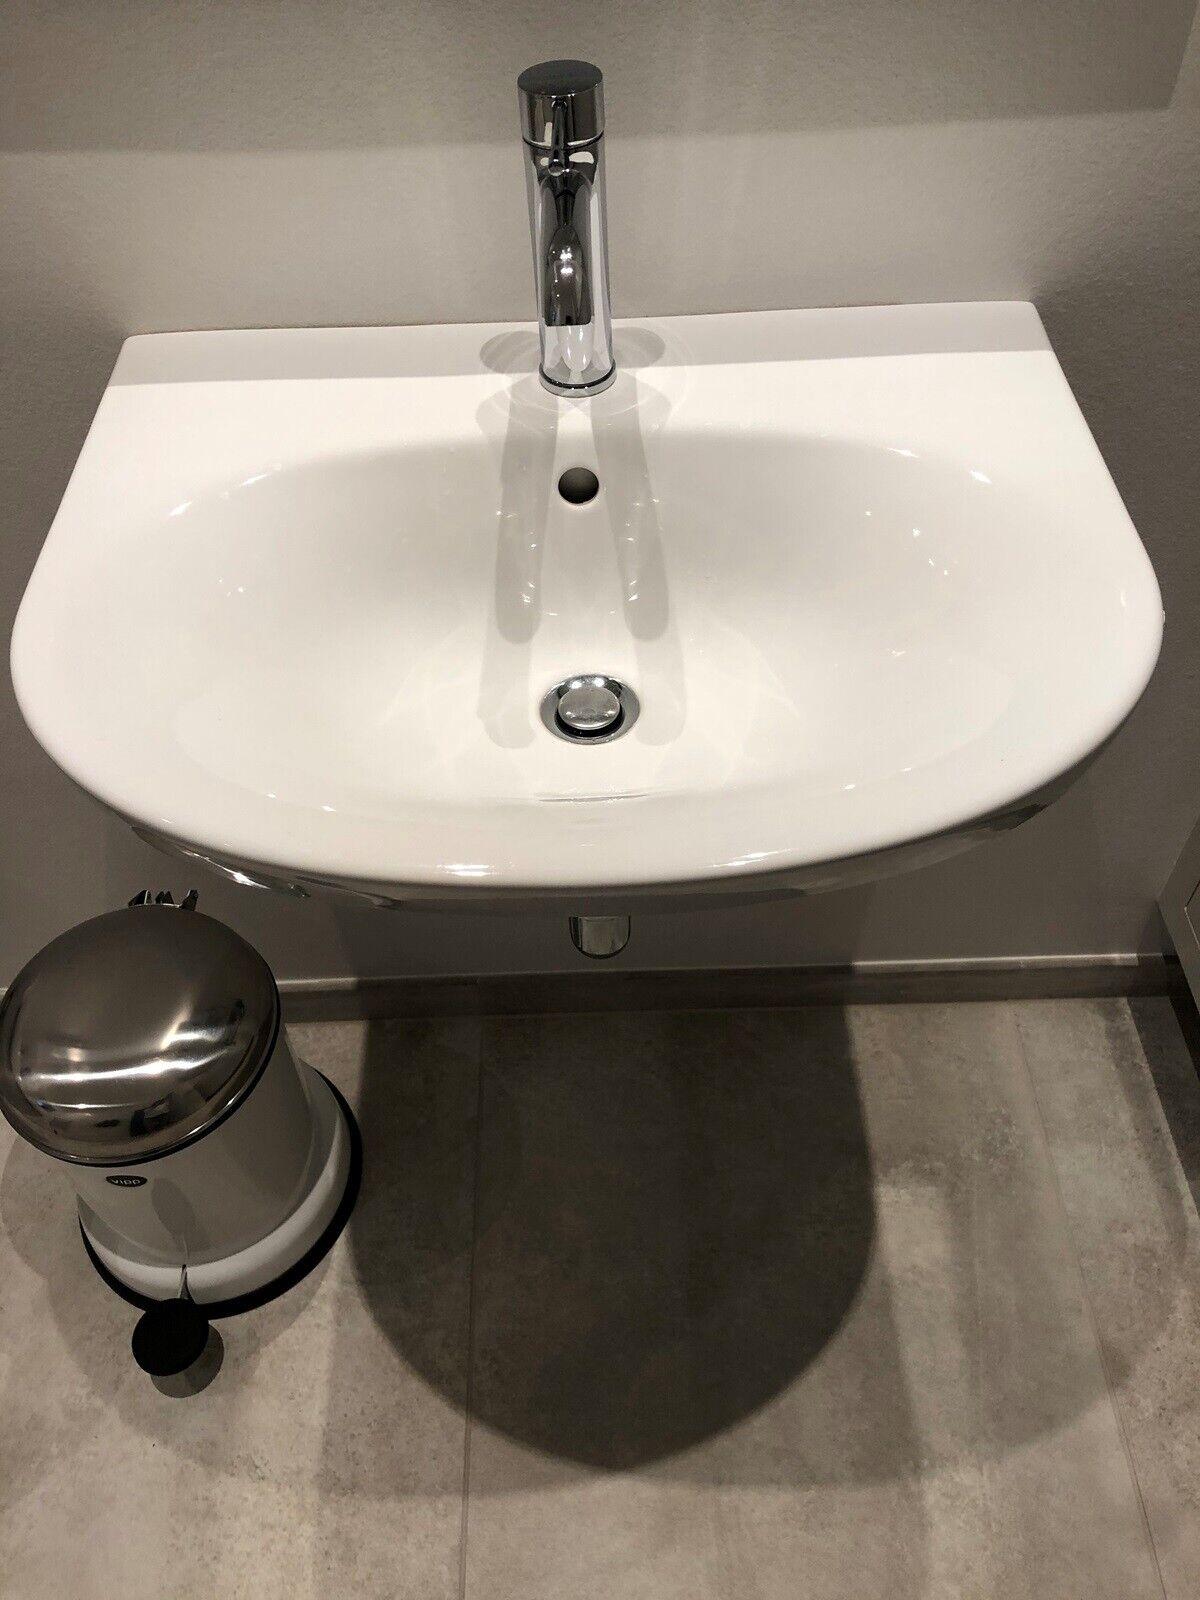 Frithaengende Handvask Ndash Dba Dk Ndash Kob Og Salg Af Nyt Og Brugt